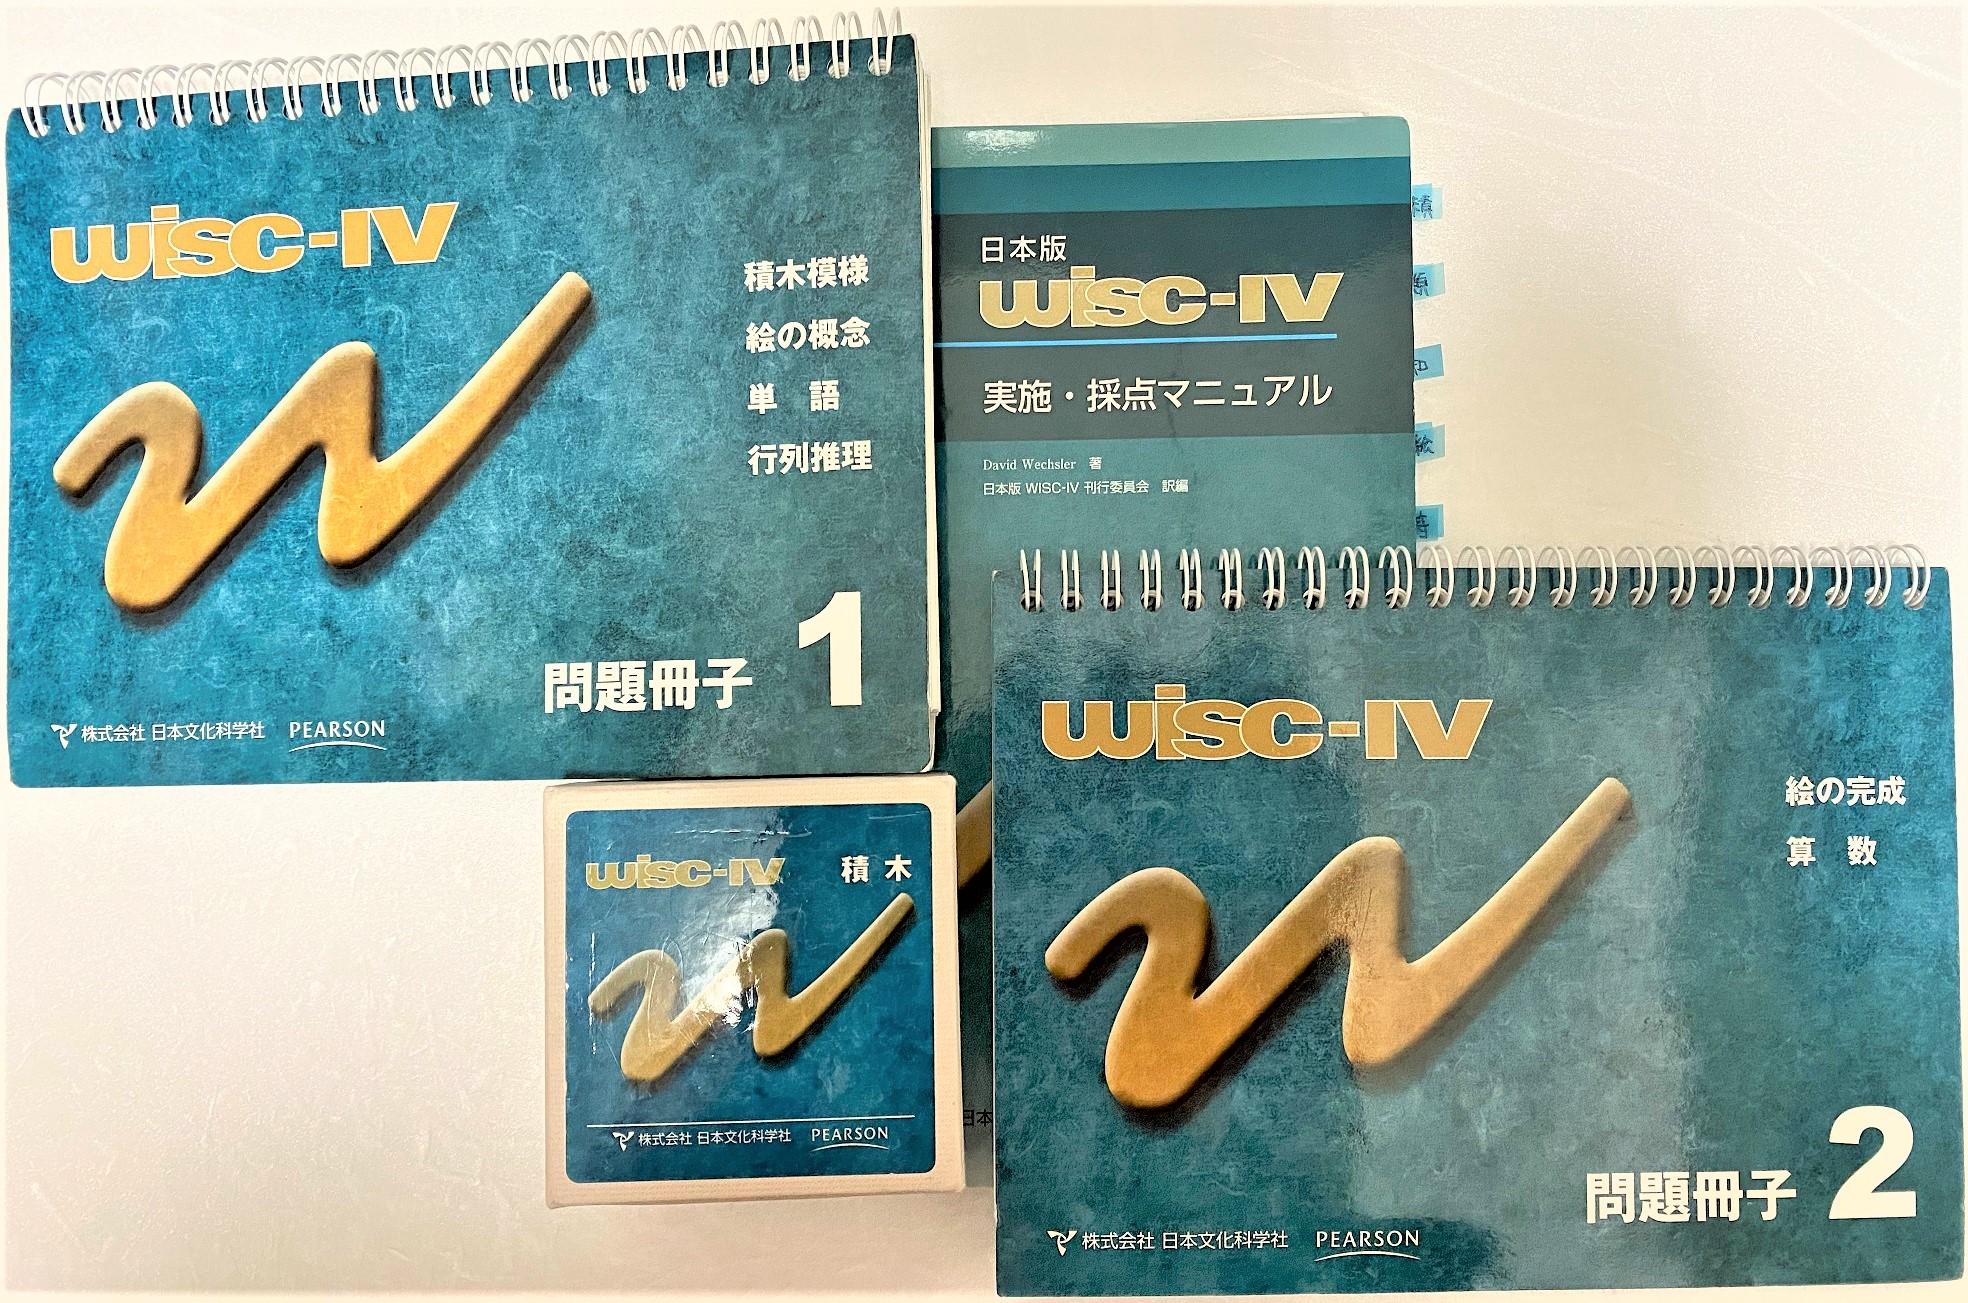 052【WISC-Ⅳ】WISC4検査のVCI(言語理解指標)の伸ばし方